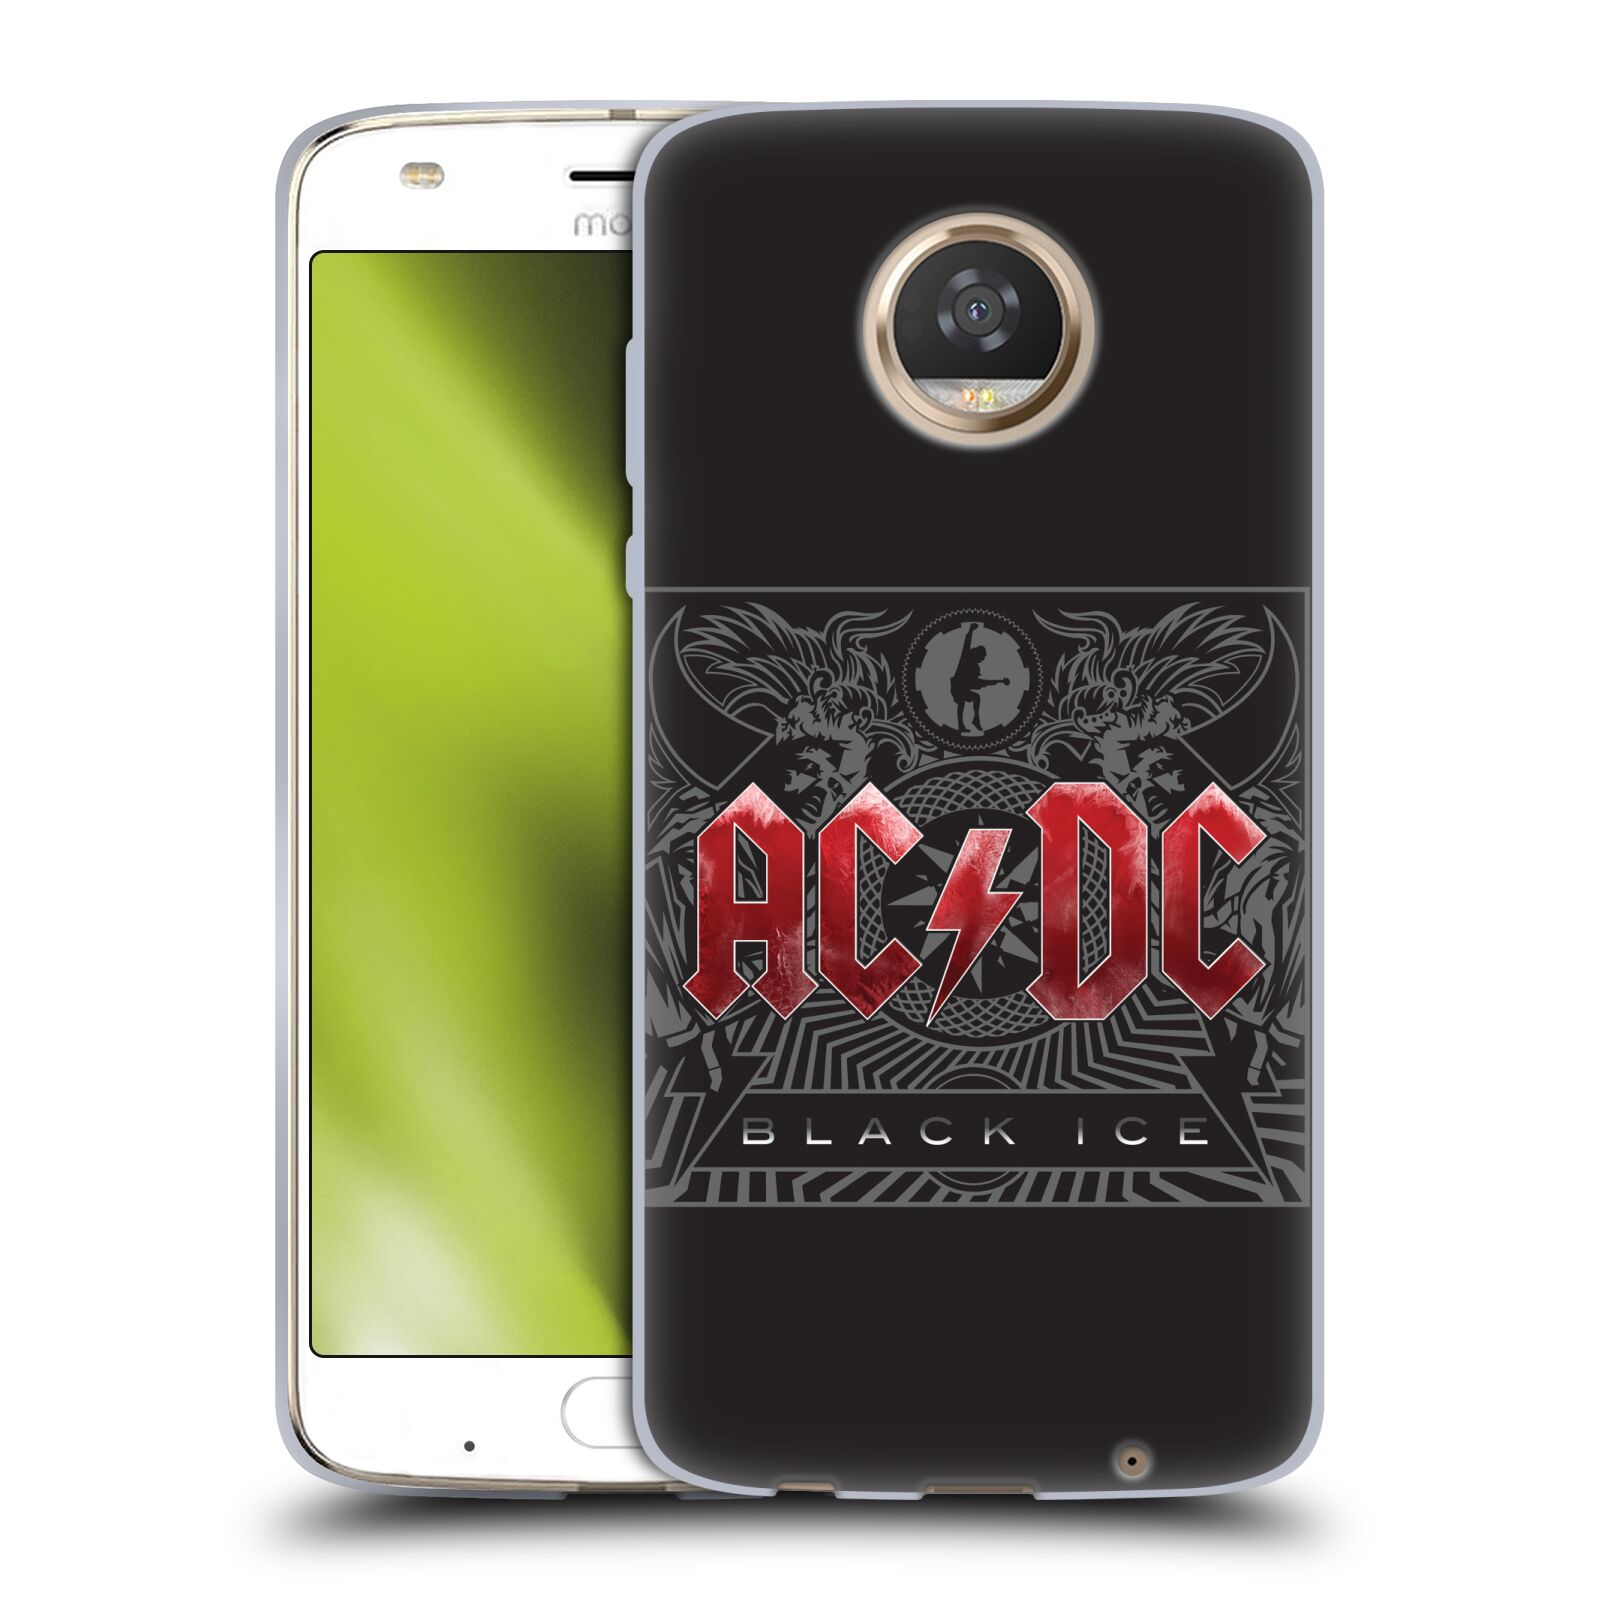 Silikonové pouzdro na mobil Lenovo Moto Z2 Play - Head Case - AC/DC Black Ice